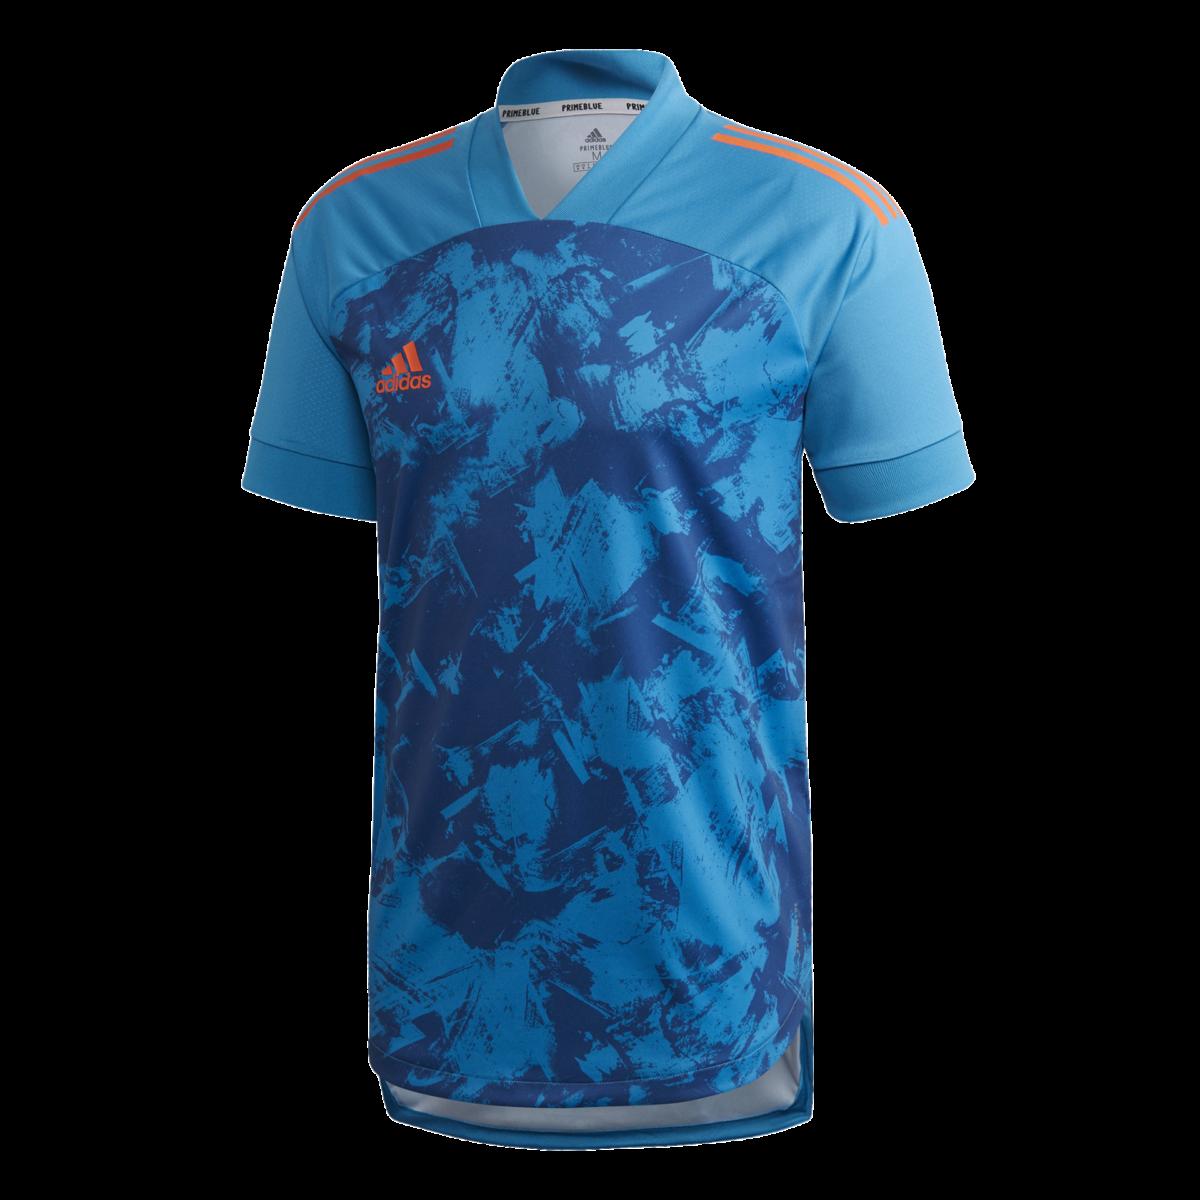 Adidas Condivo 20 Primeblue Football Shirt - JUNIOR NEW for 2020 FP9398